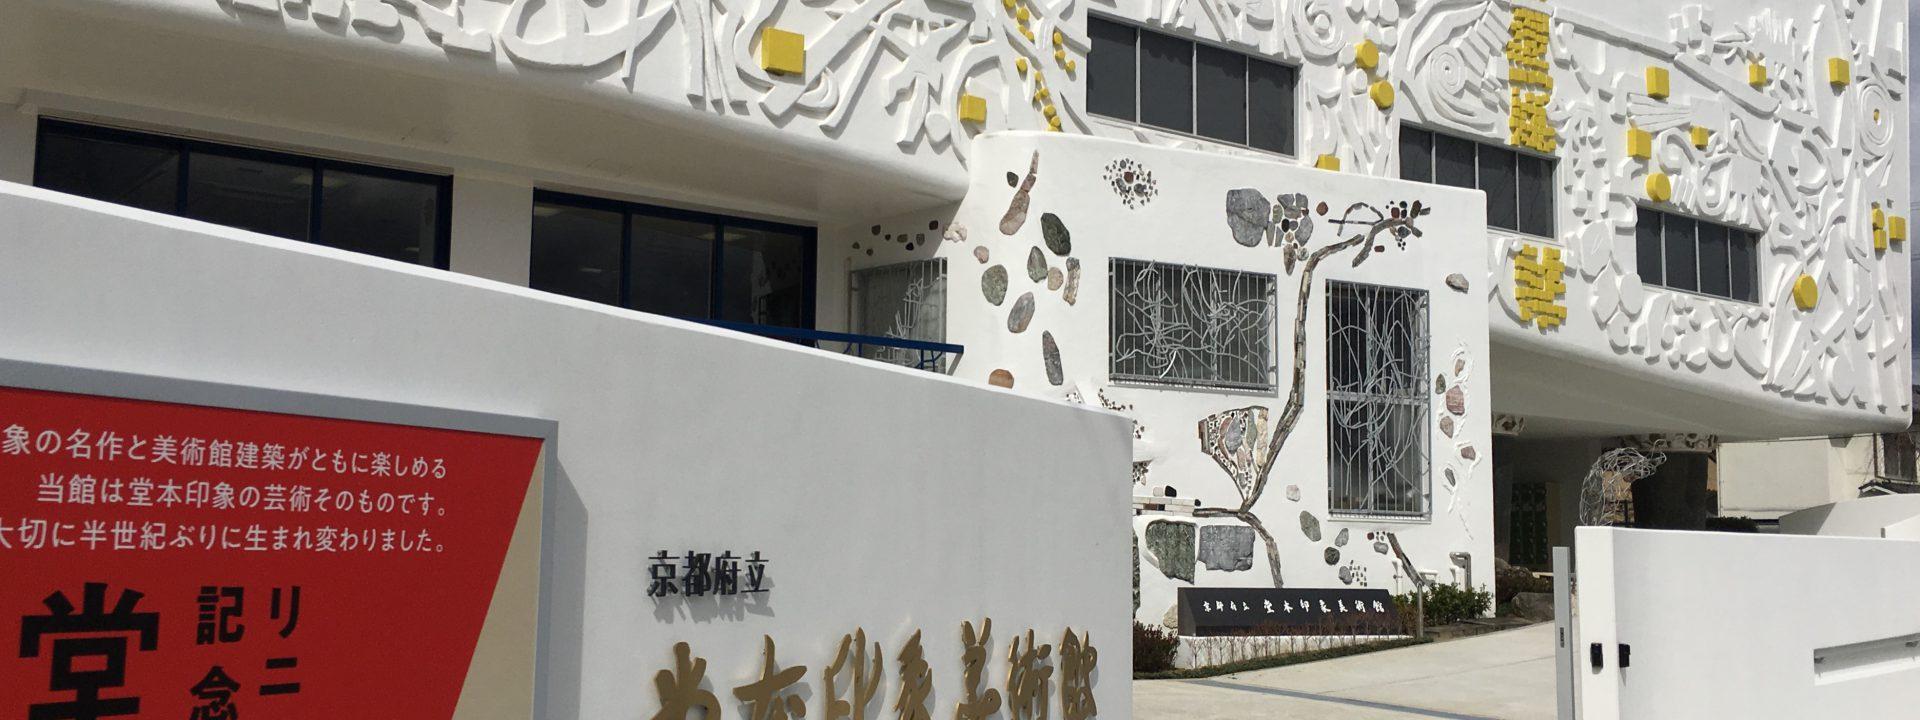 堂本印象美術館リニューアルオープン